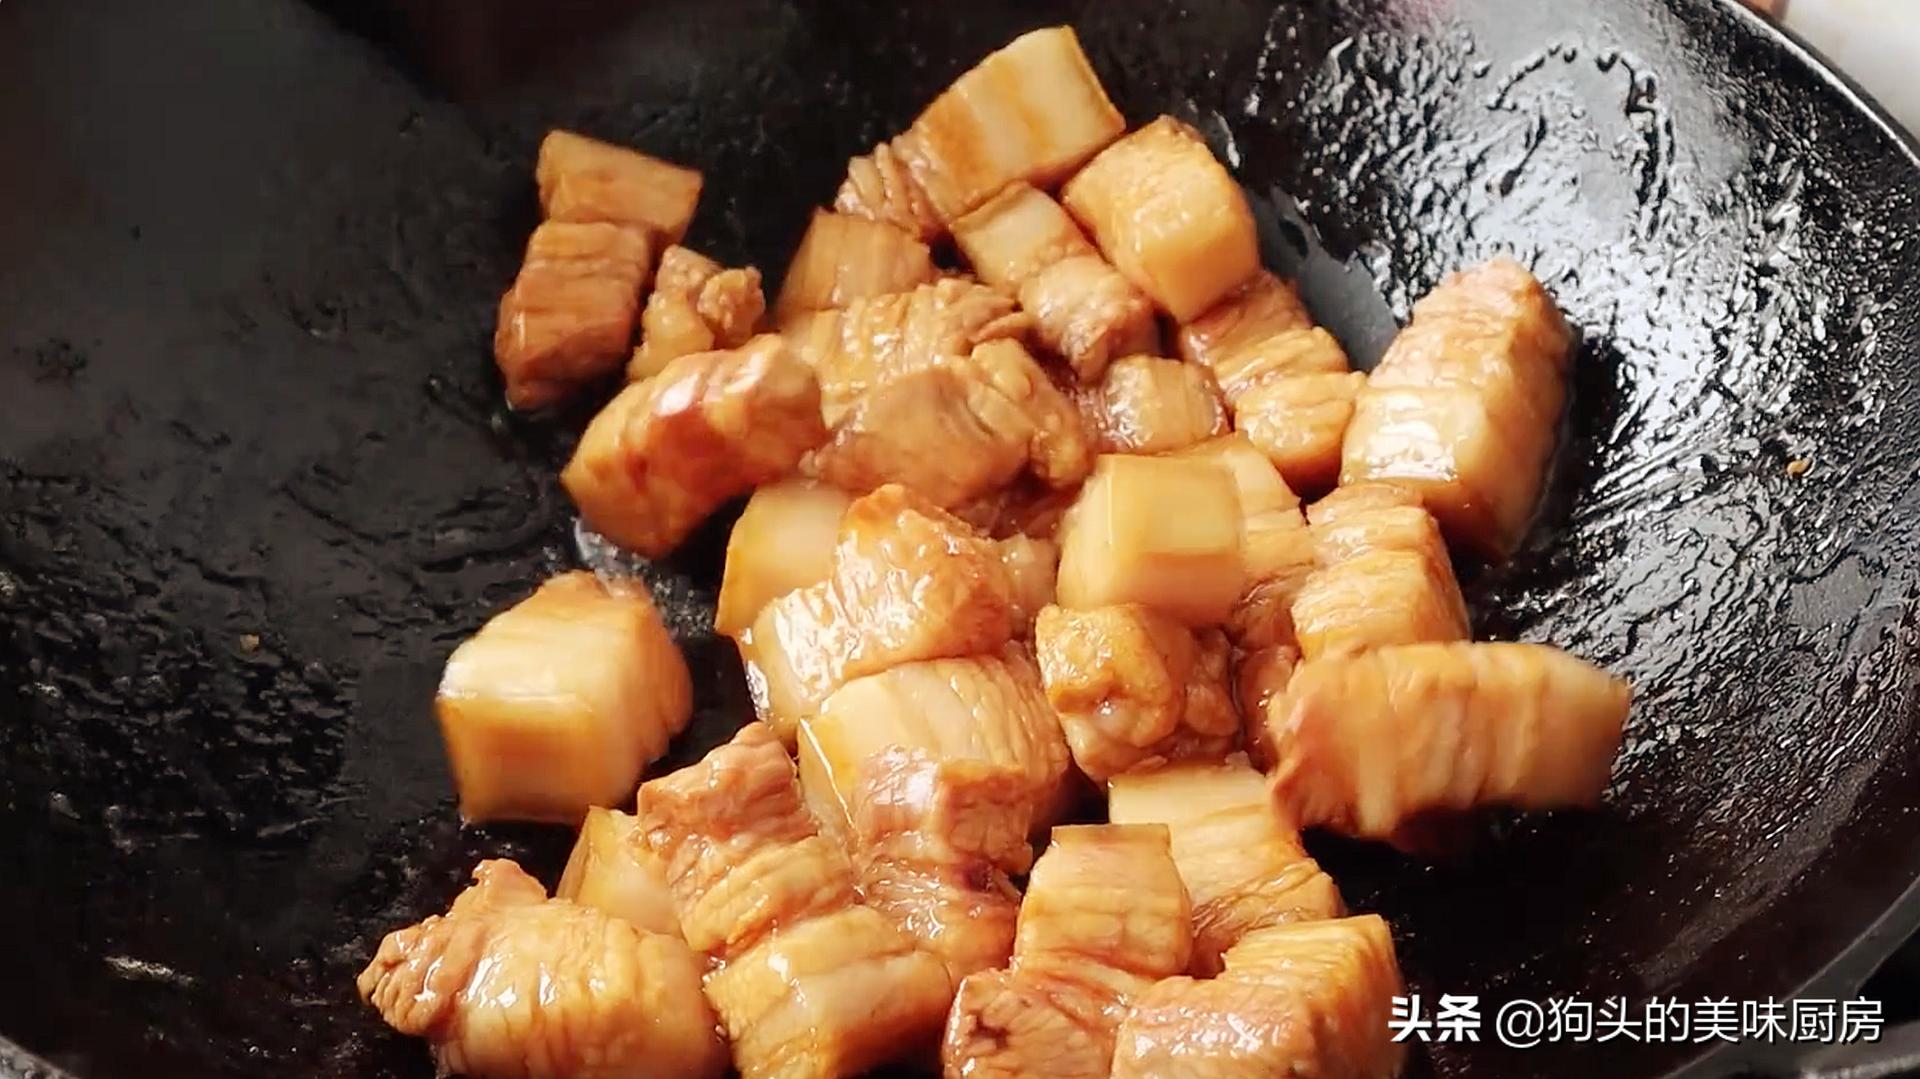 做红烧肉时,掌握这些小技巧,红烧肉不腥不柴,软烂入味口感好 美食做法 第9张